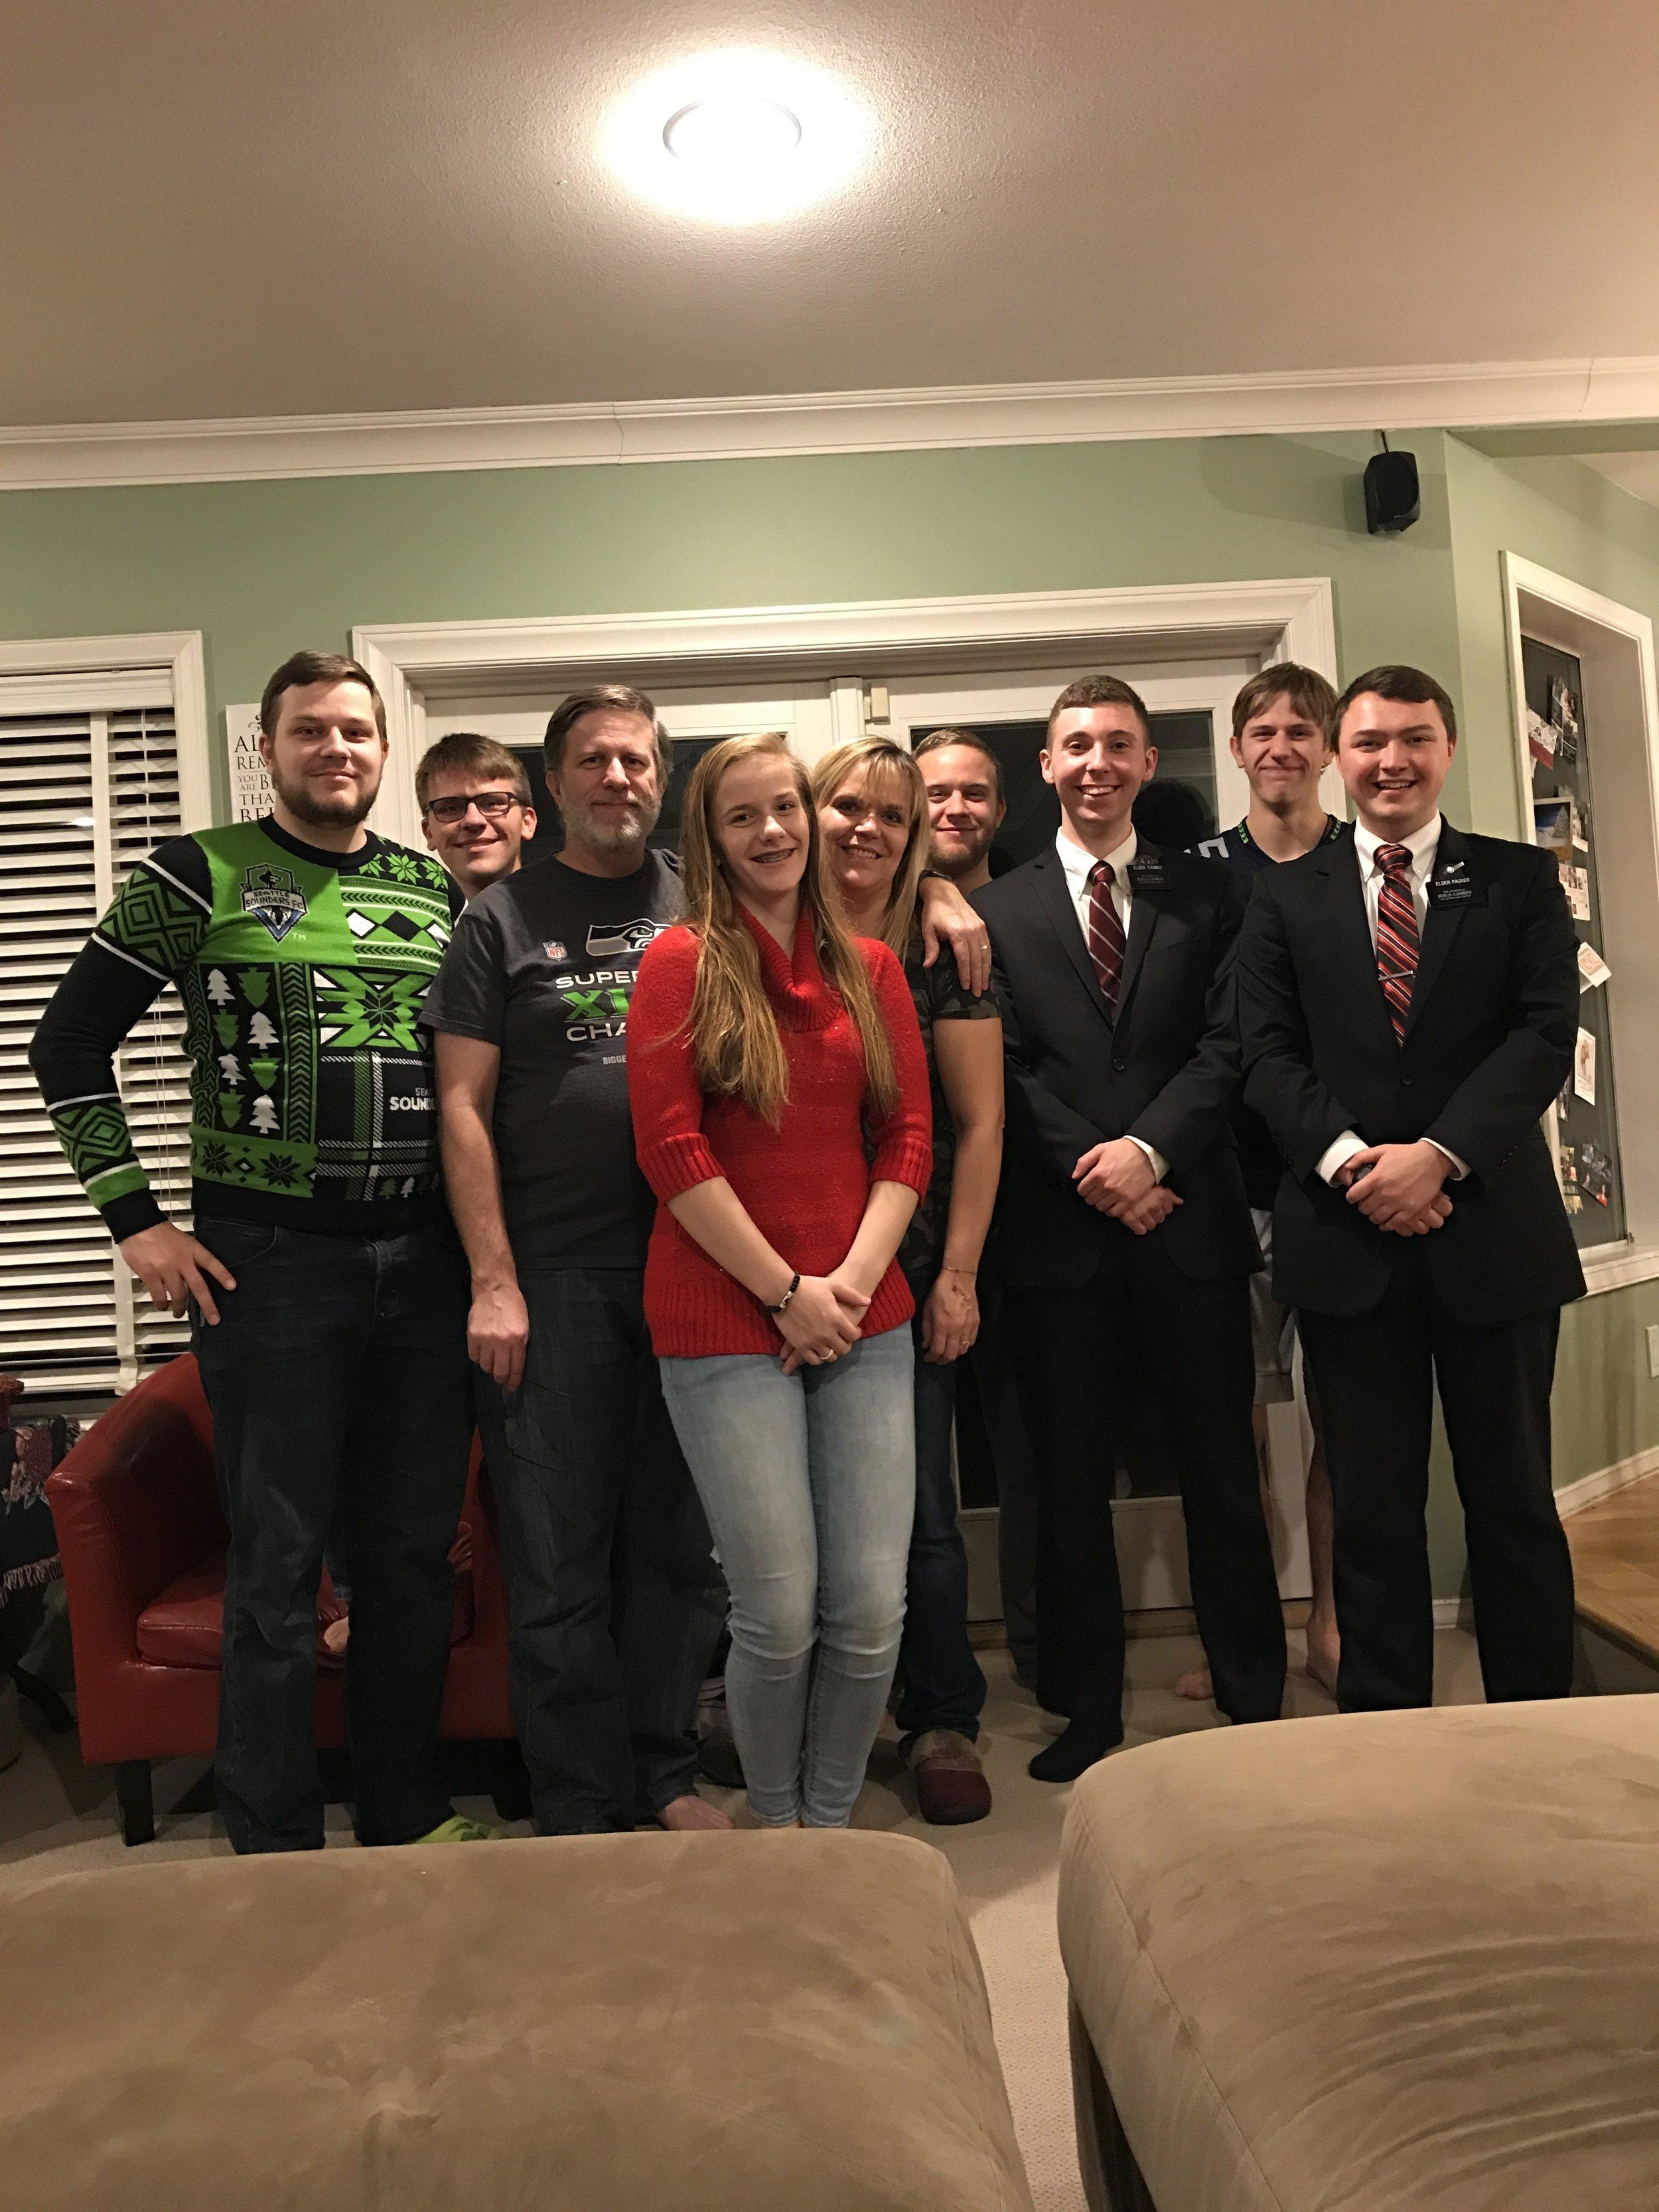 Kray, Mike, Steve, Jessie, Doreen, Jason, Elder Thomas, Chris & Elder Packer